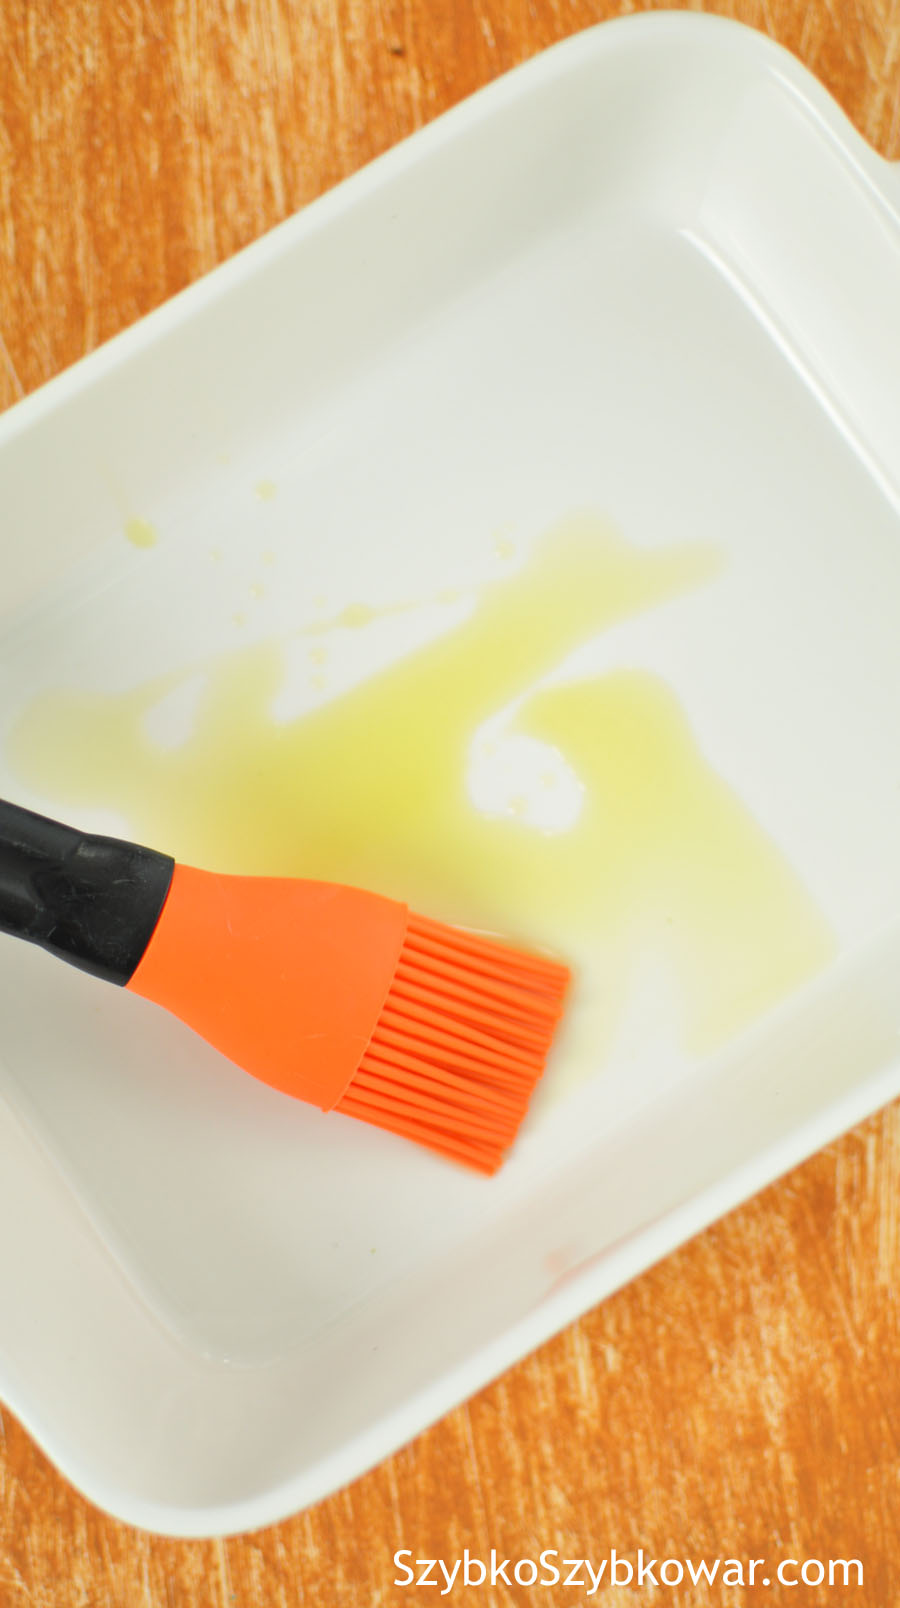 Natłuść całą foremkę oliwą.